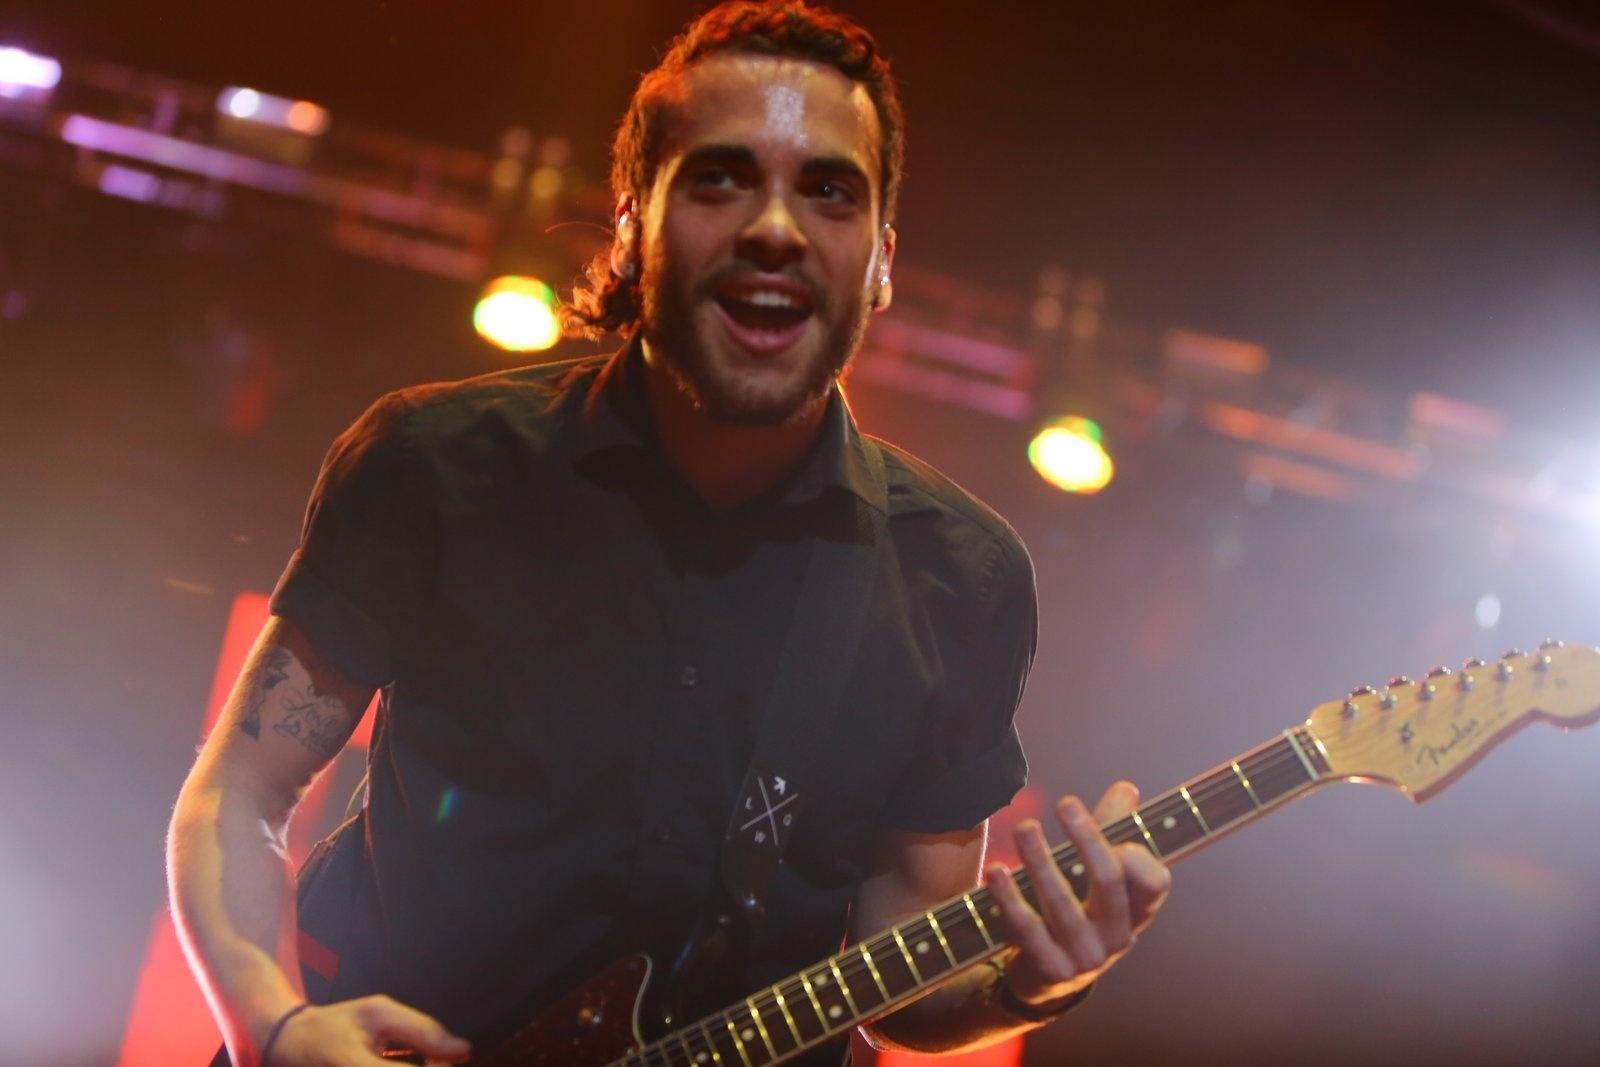 25.jul.2013 - Formado em 2004 no estado norte-americano do Tenessee, o grupo está lançando seu quarto álbum de estúdio,